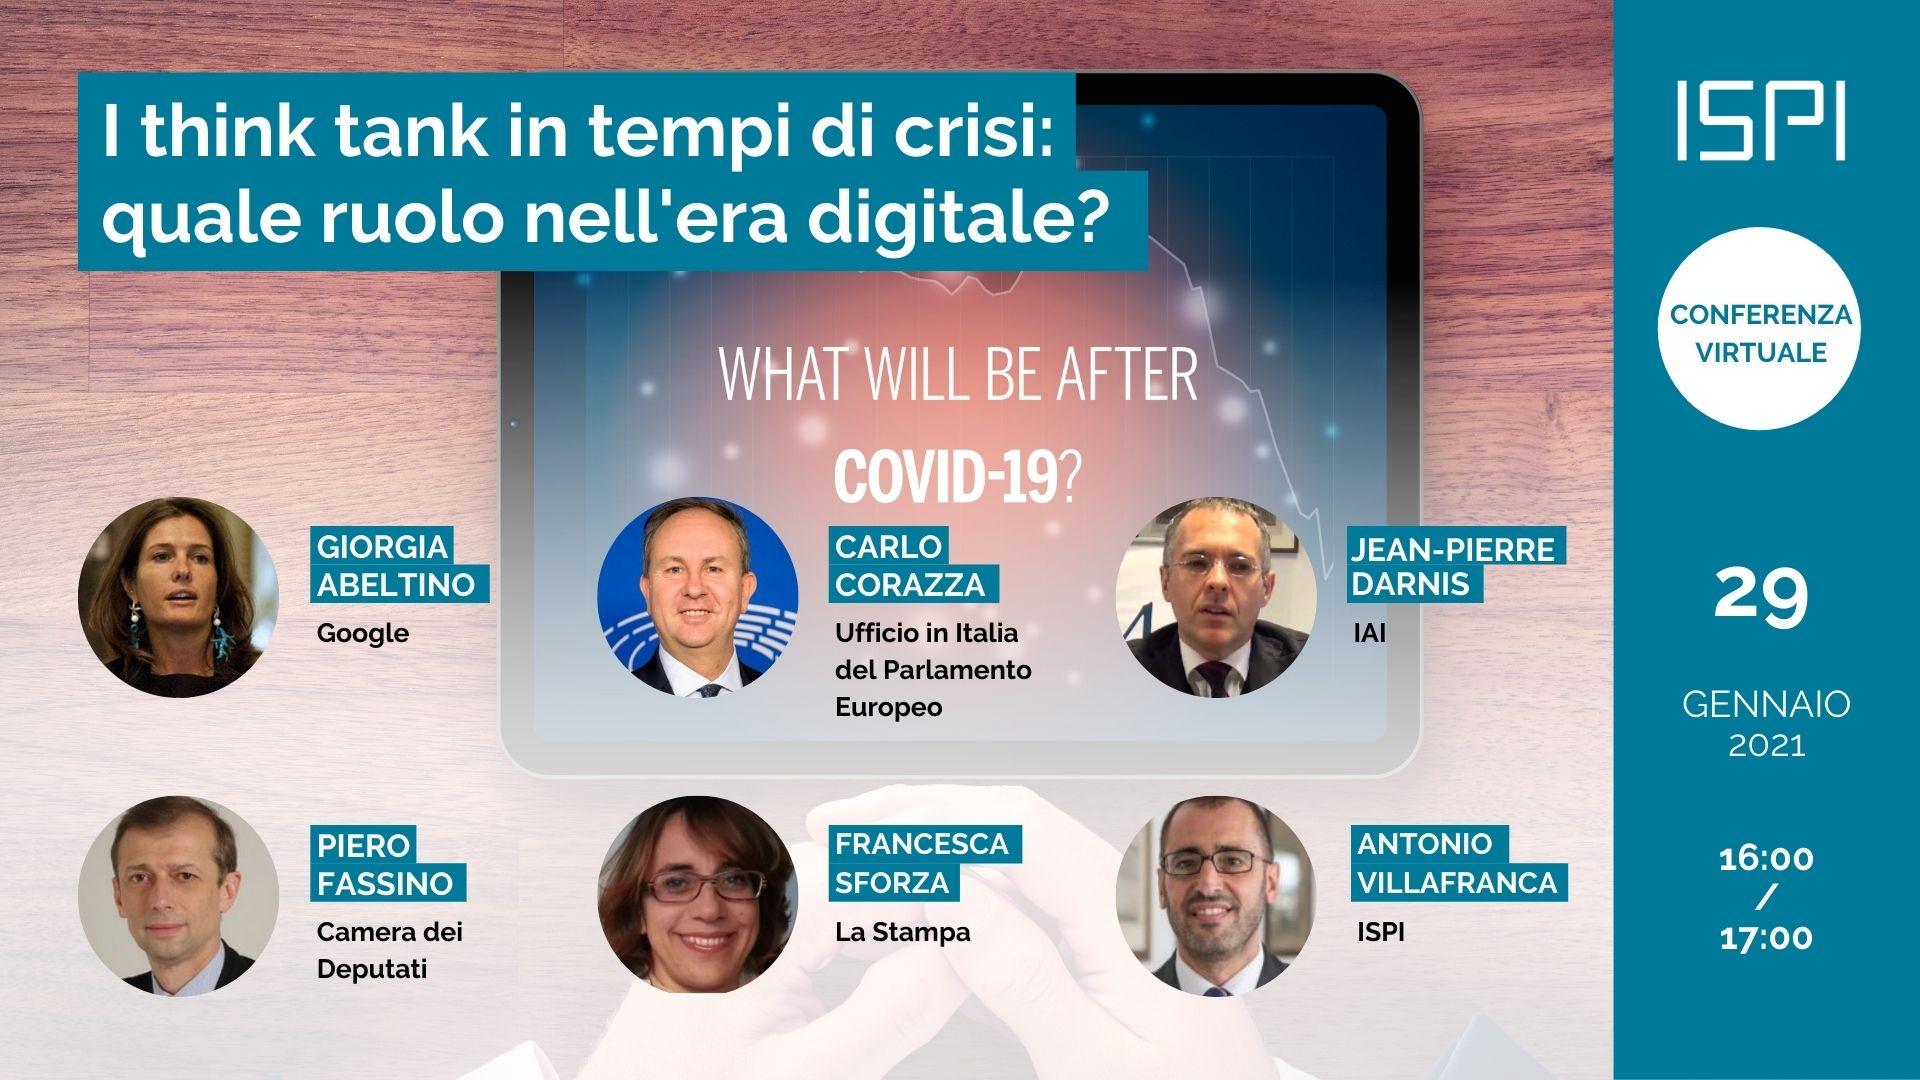 I think tank in tempi di crisi: quale ruolo nell'era digitale?